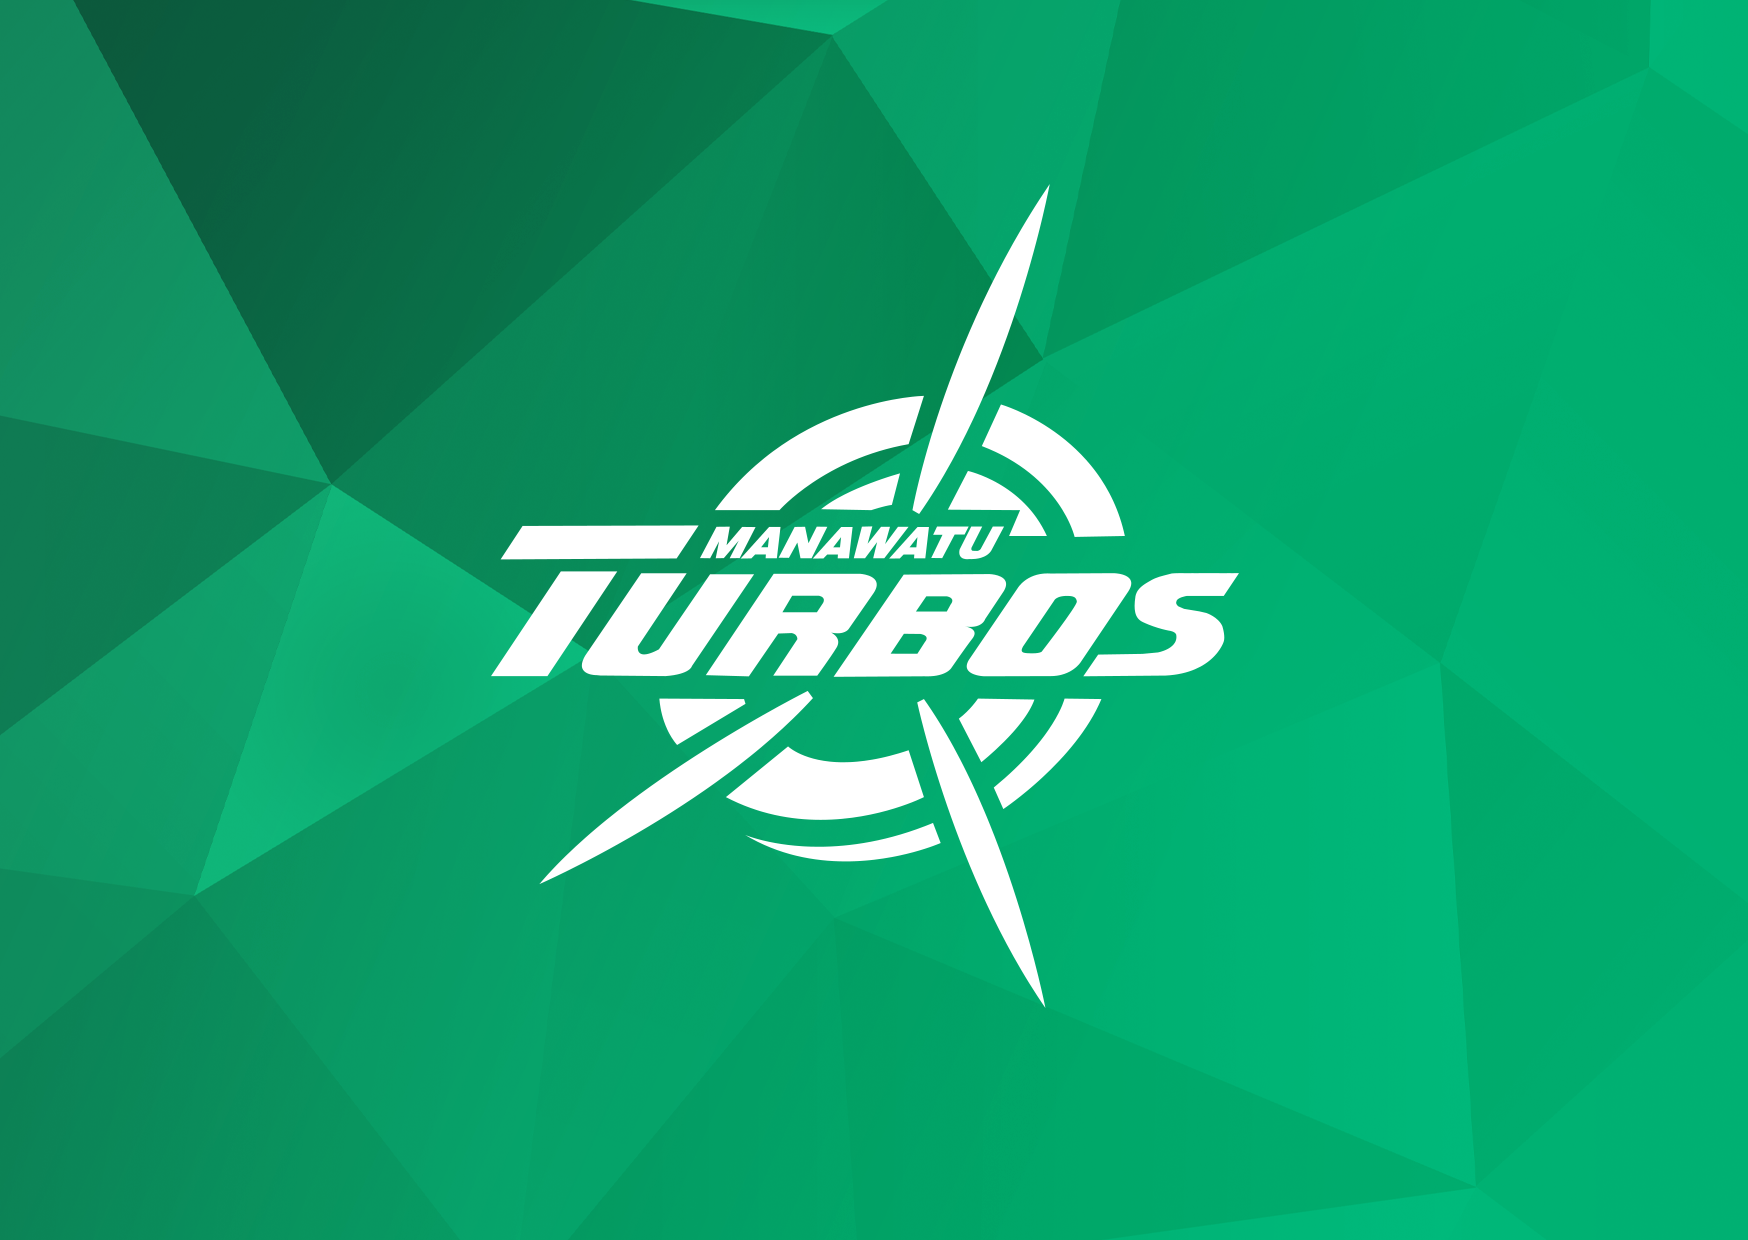 Manawatu Turbos